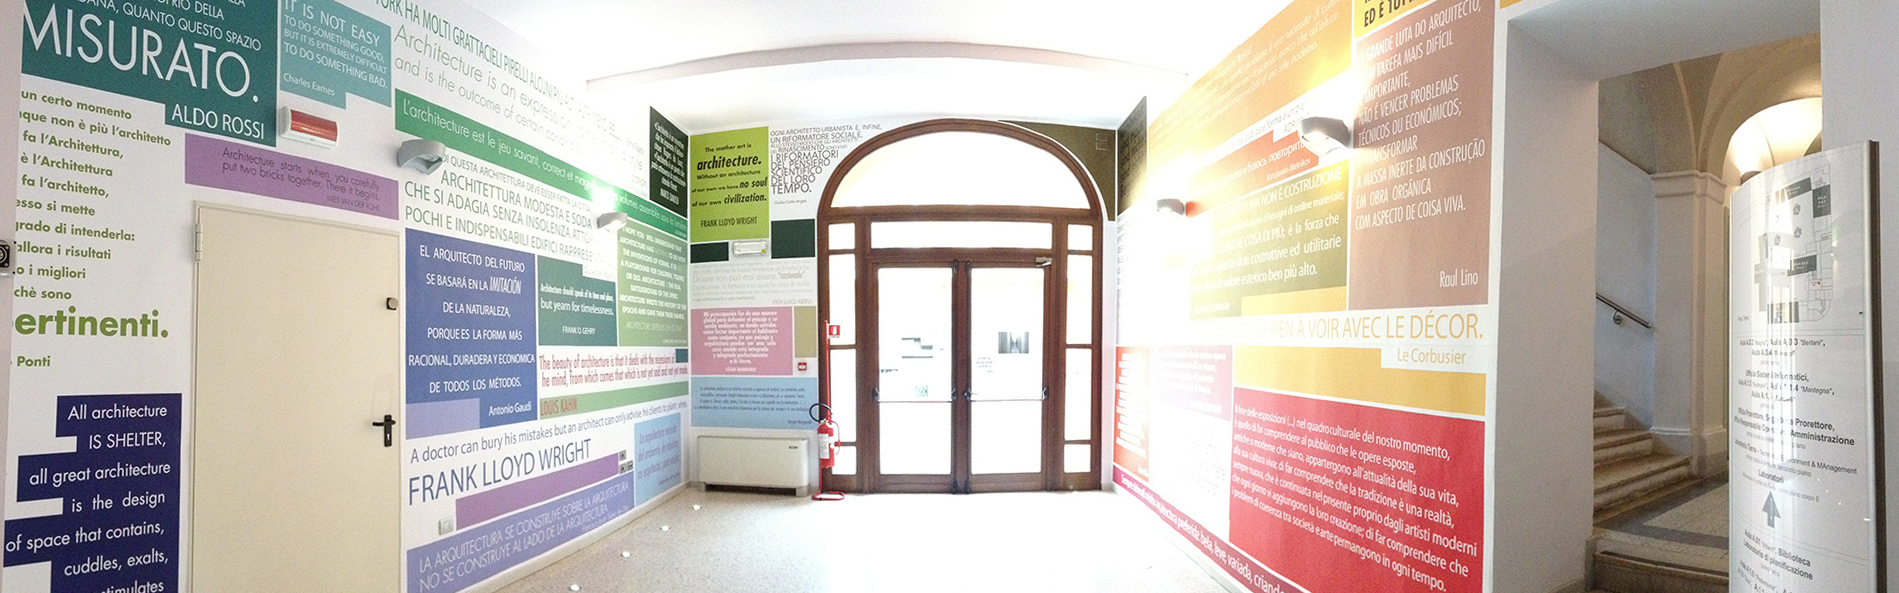 Interior design e 39 nt graphice 39 nt graphic for Interior design politecnico di milano